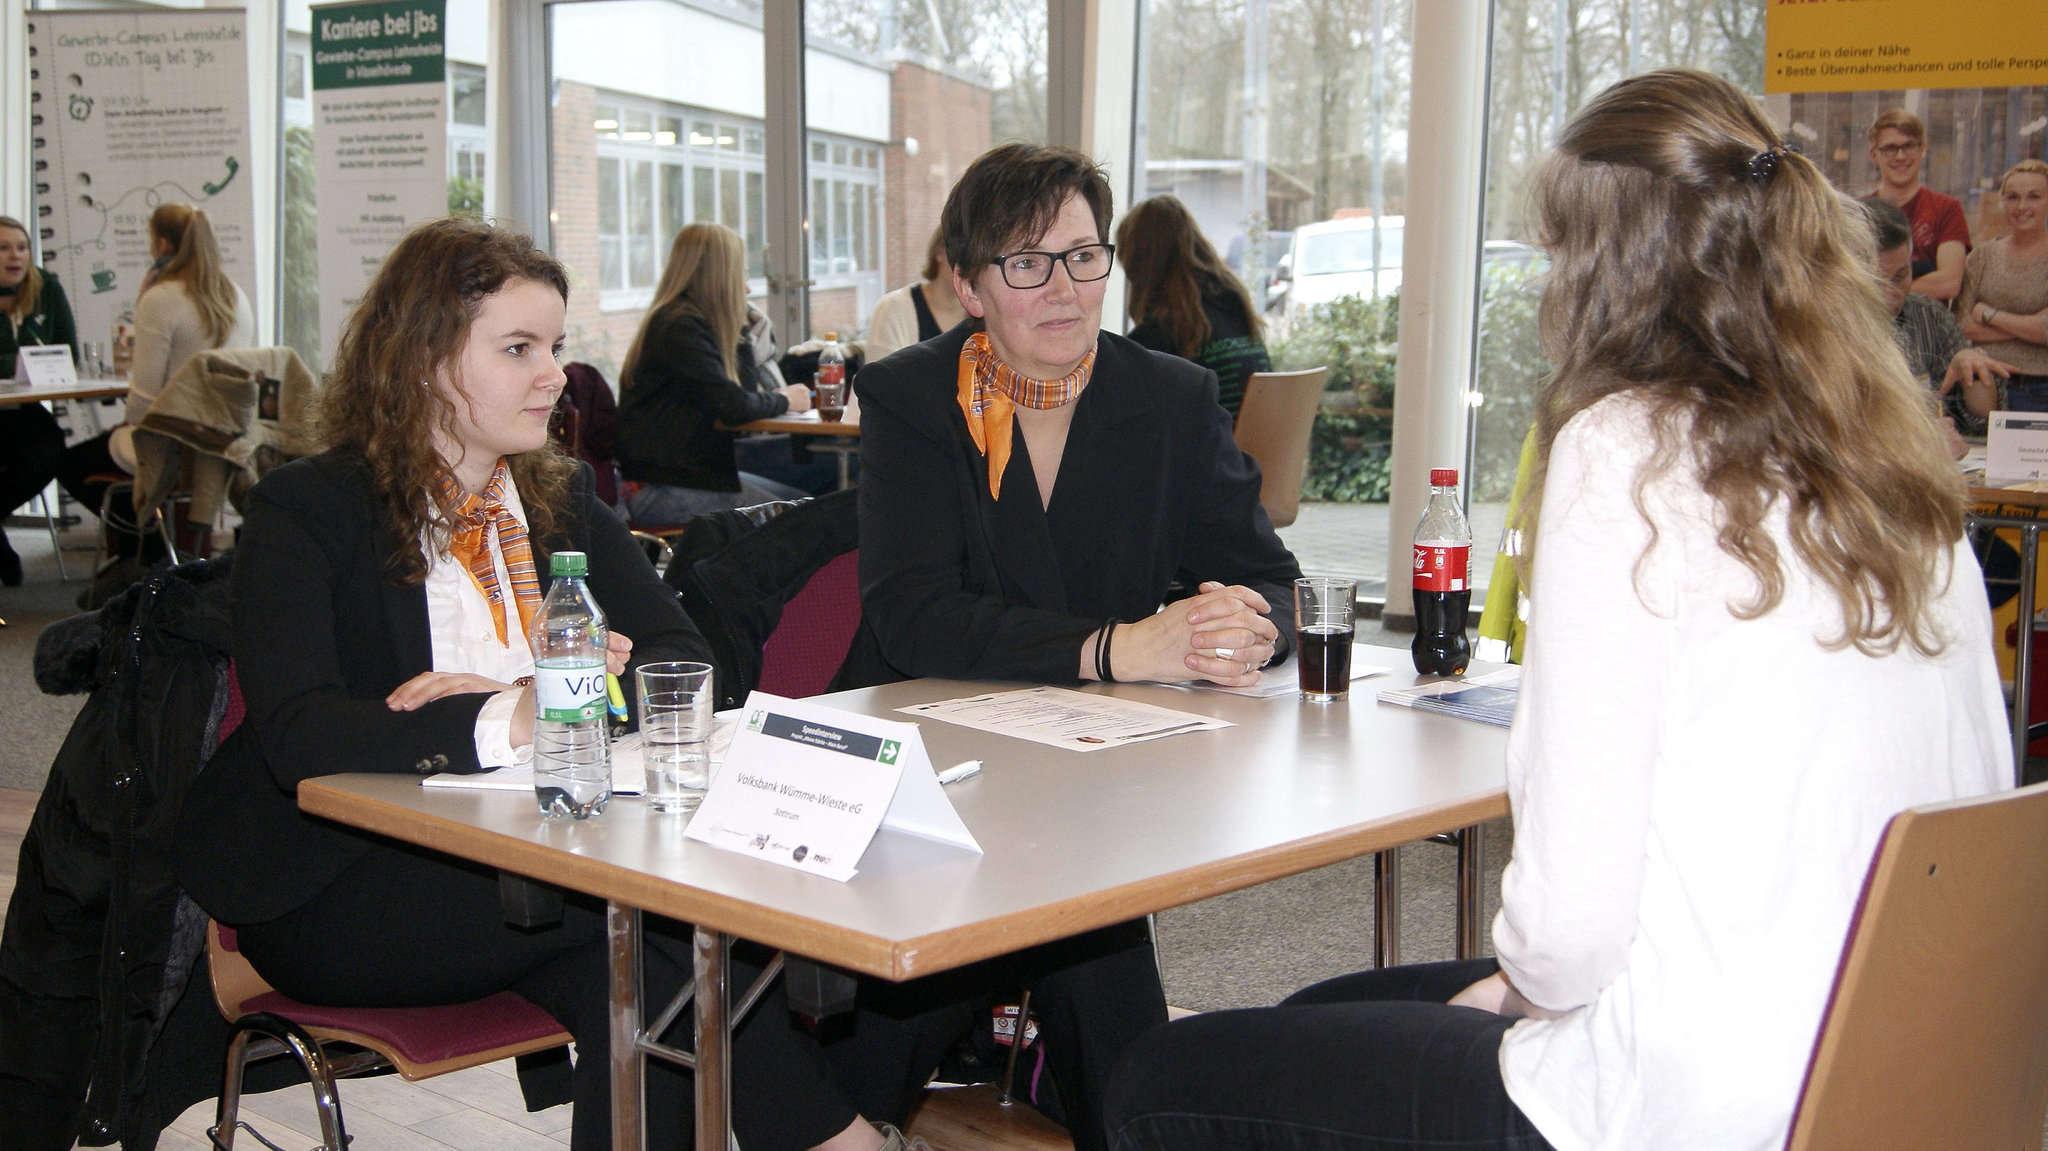 Im Rahmen von kurzen Interviews hatten Schüler und Unternehmen die Gelegenheit, sich schon einmal kurz kennen zu lernen.